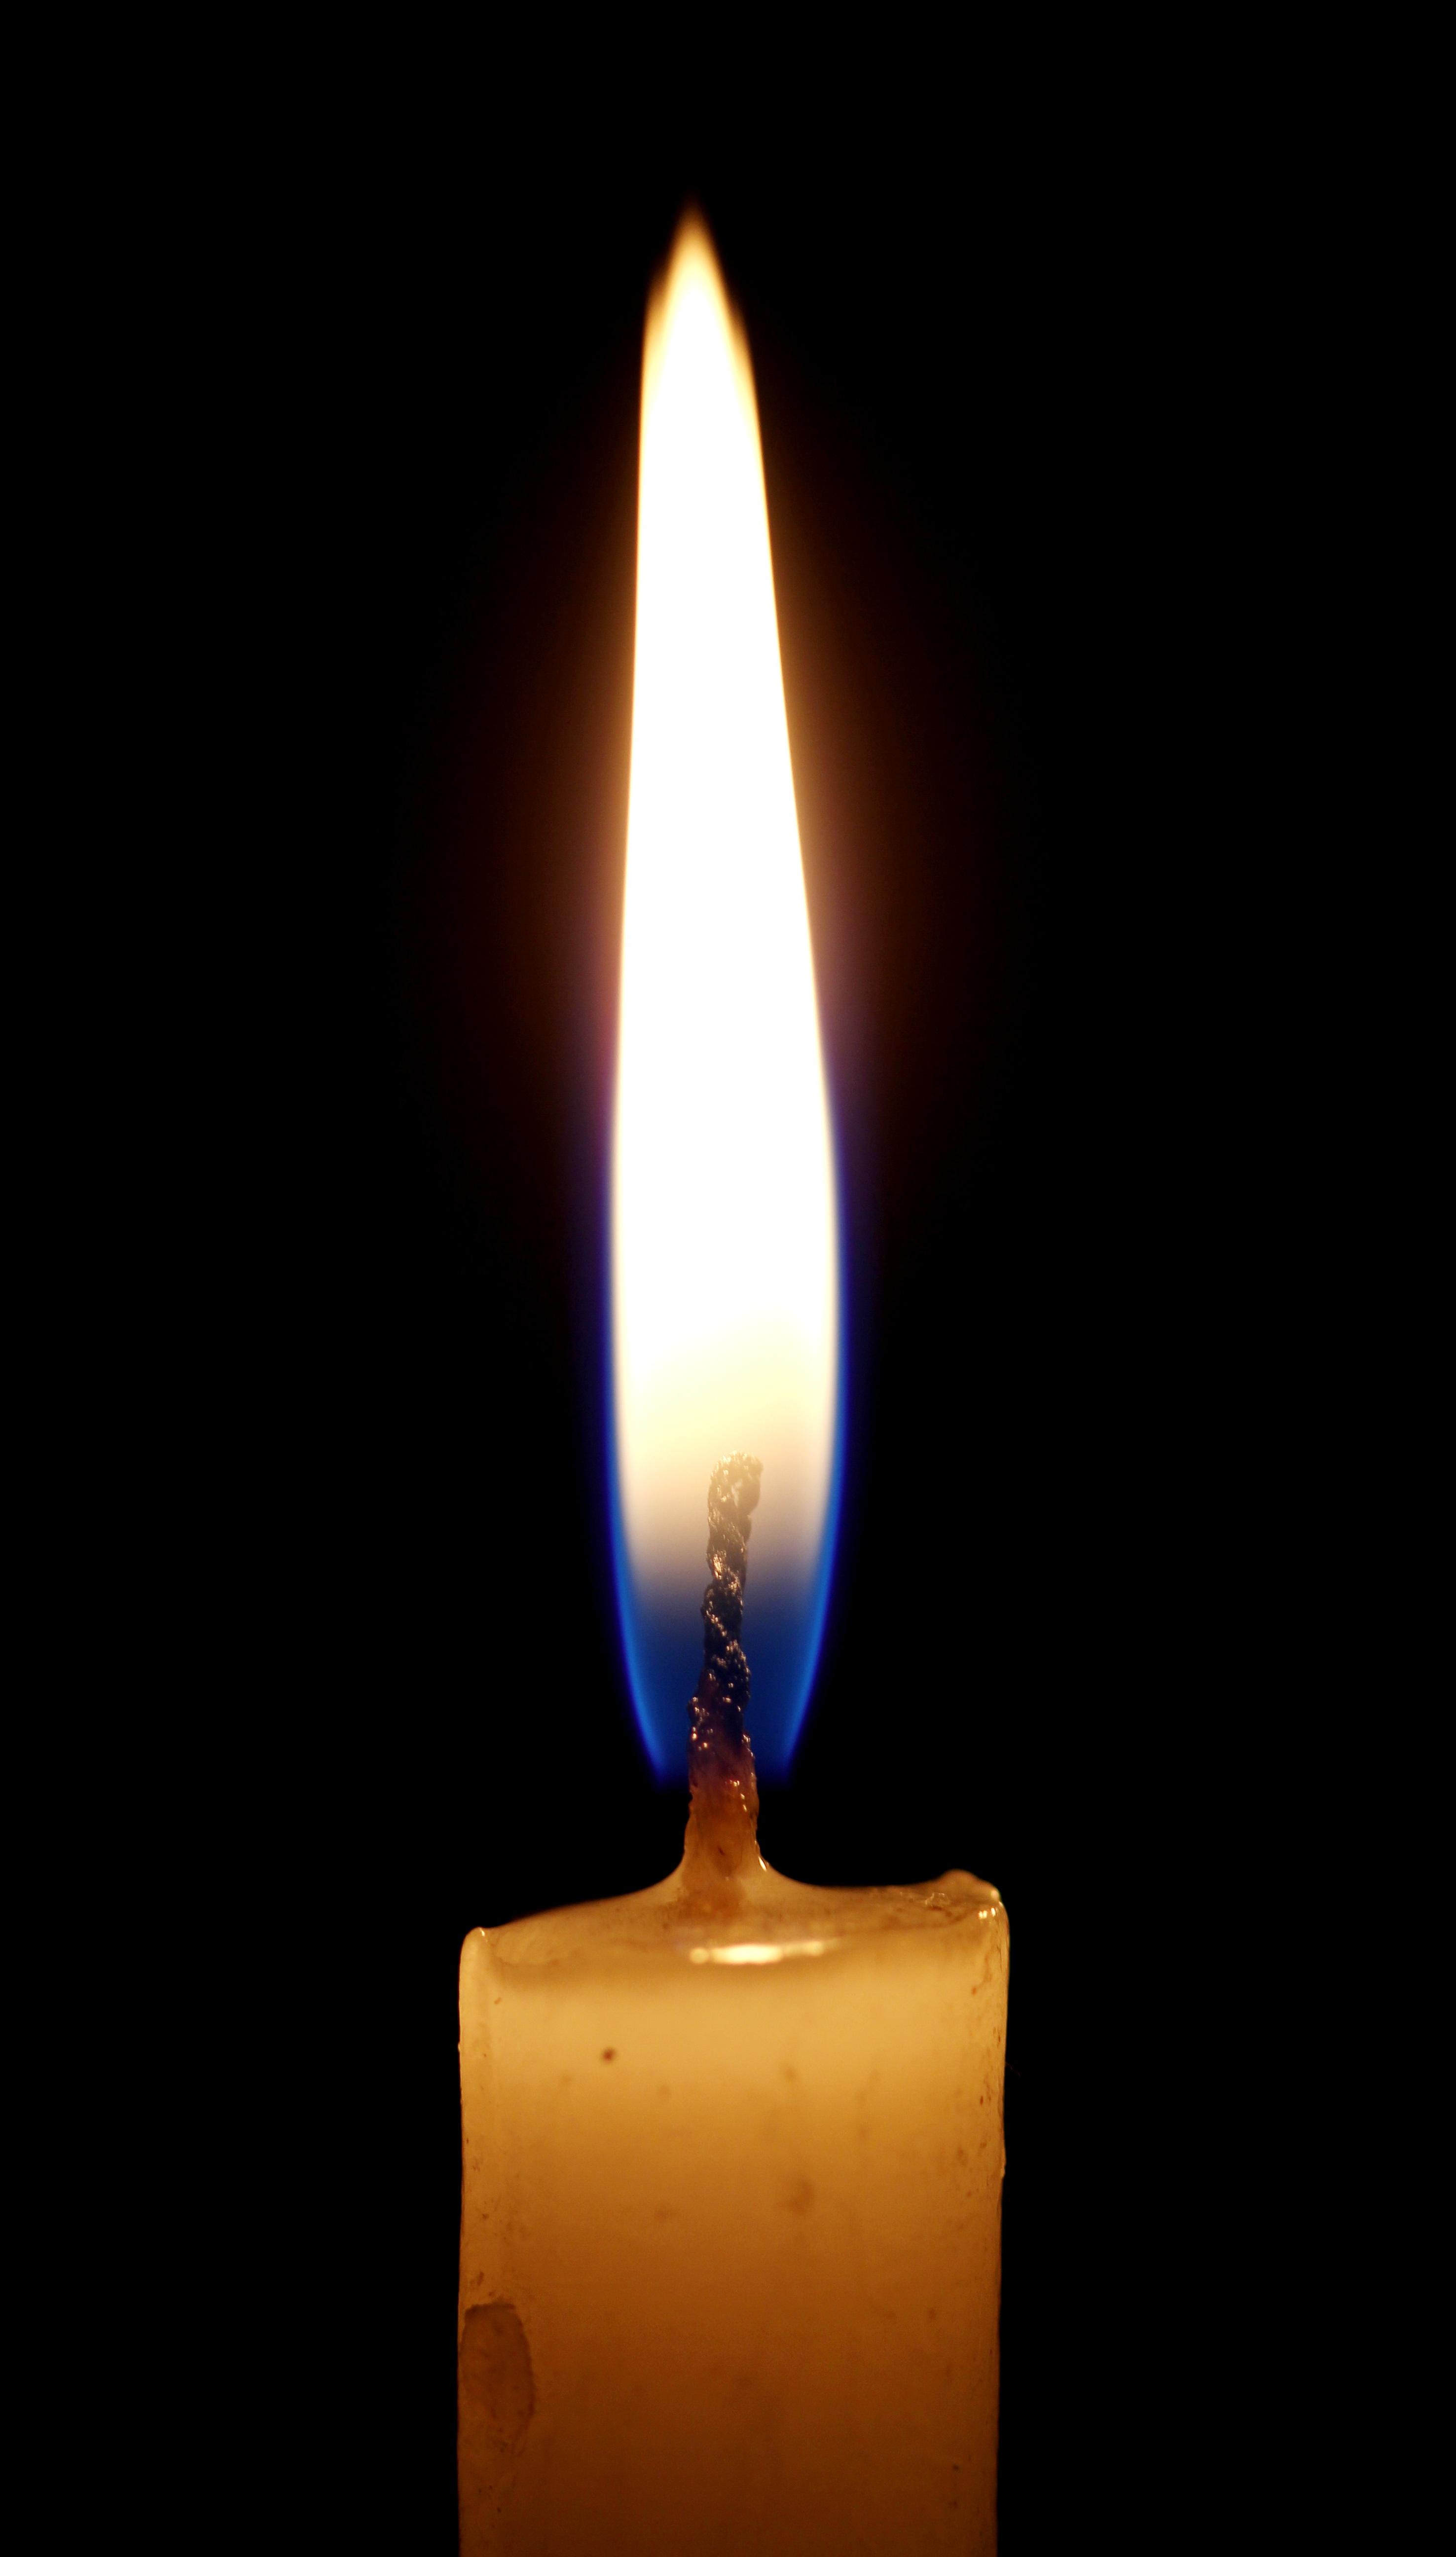 Banco De Imagens Luz Brilhante Fogo Vela Ilumina 231 227 O Decora 231 227 O Festivo Queima Luz De